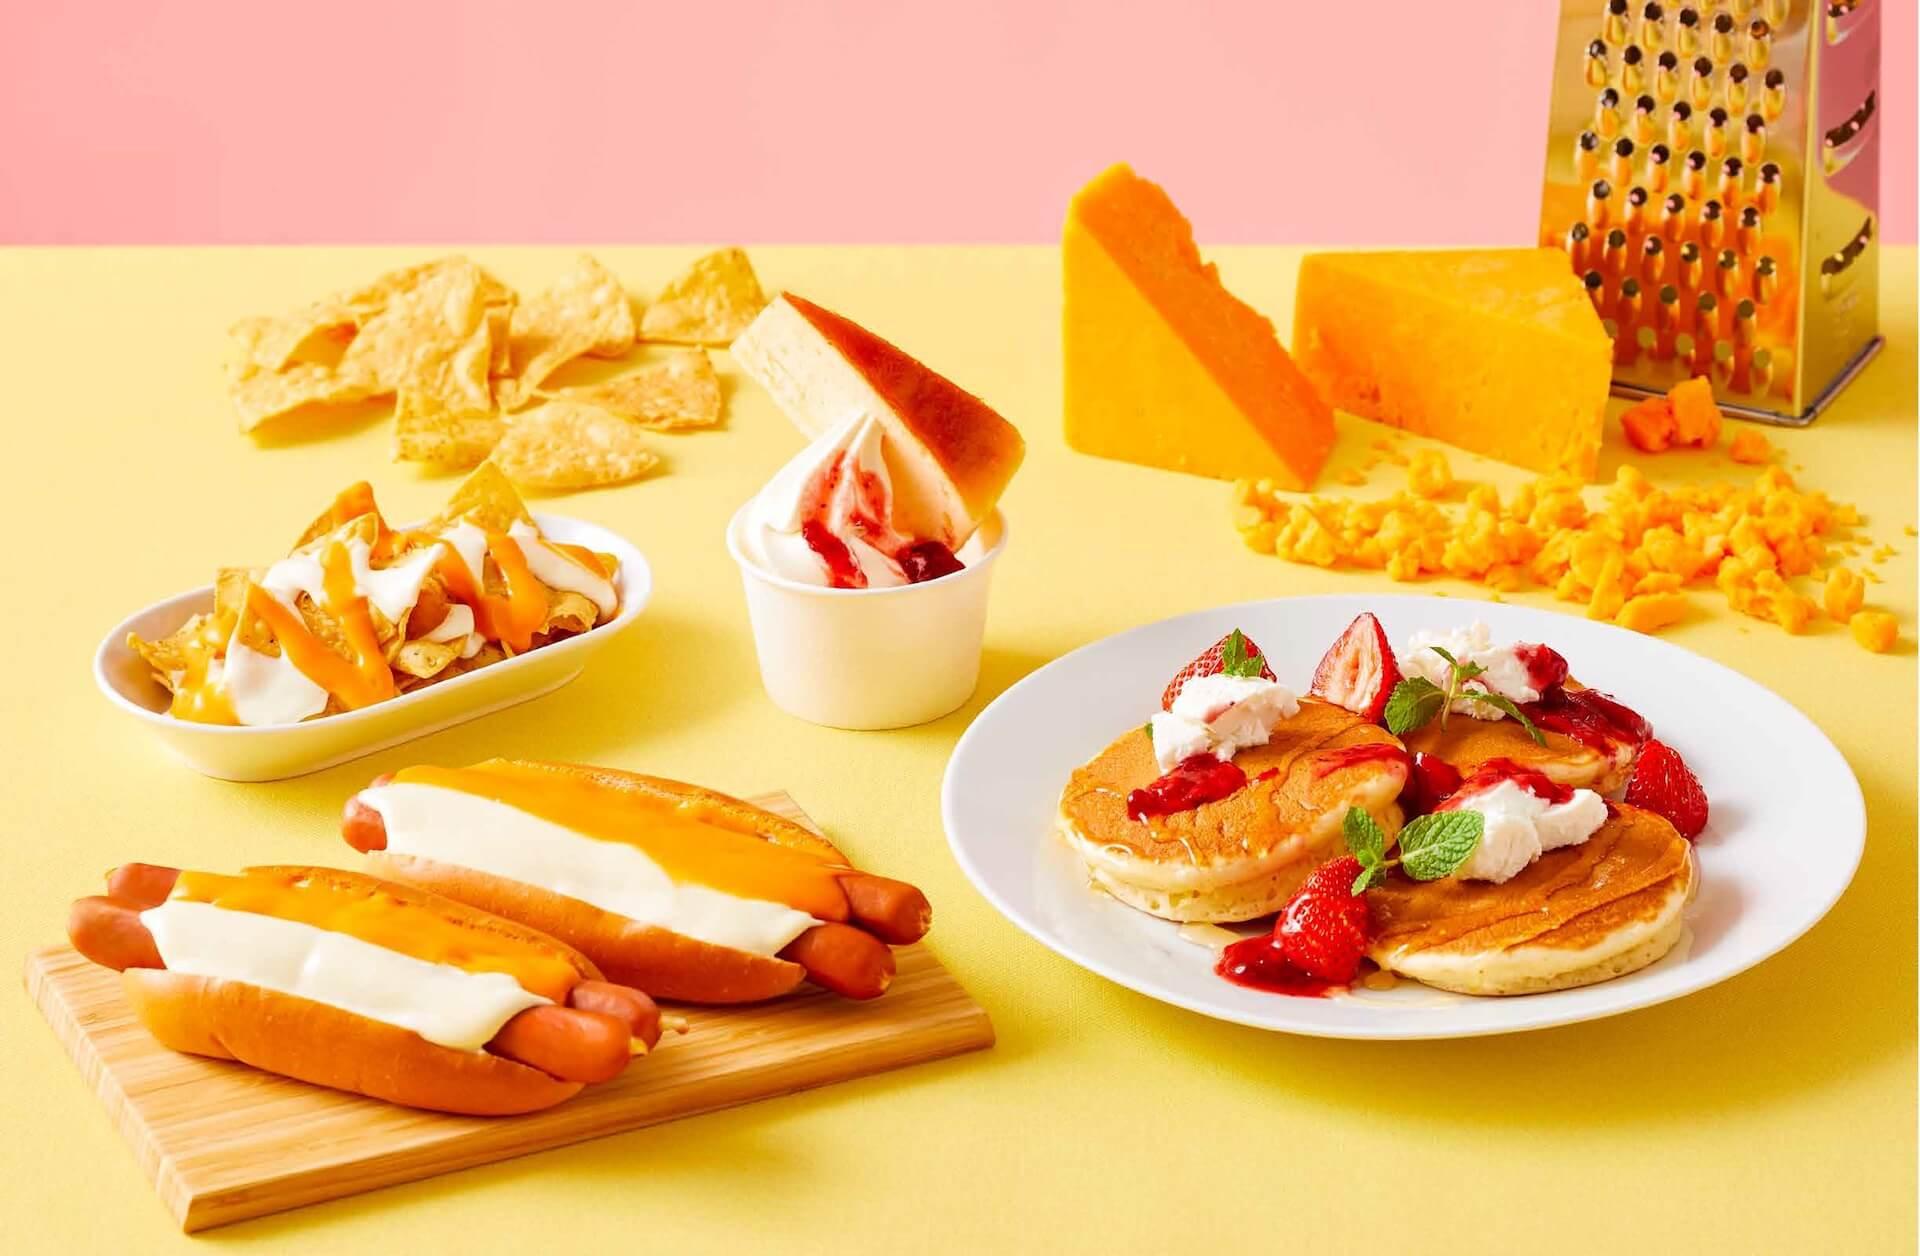 【超朗報】IKEAで<チーズ フェア>が開催!チーズにまみれのホットドッグ、ナチョス、カルボナーラ、スープ、ケーキを味わおう food191112-ikea-cheeze